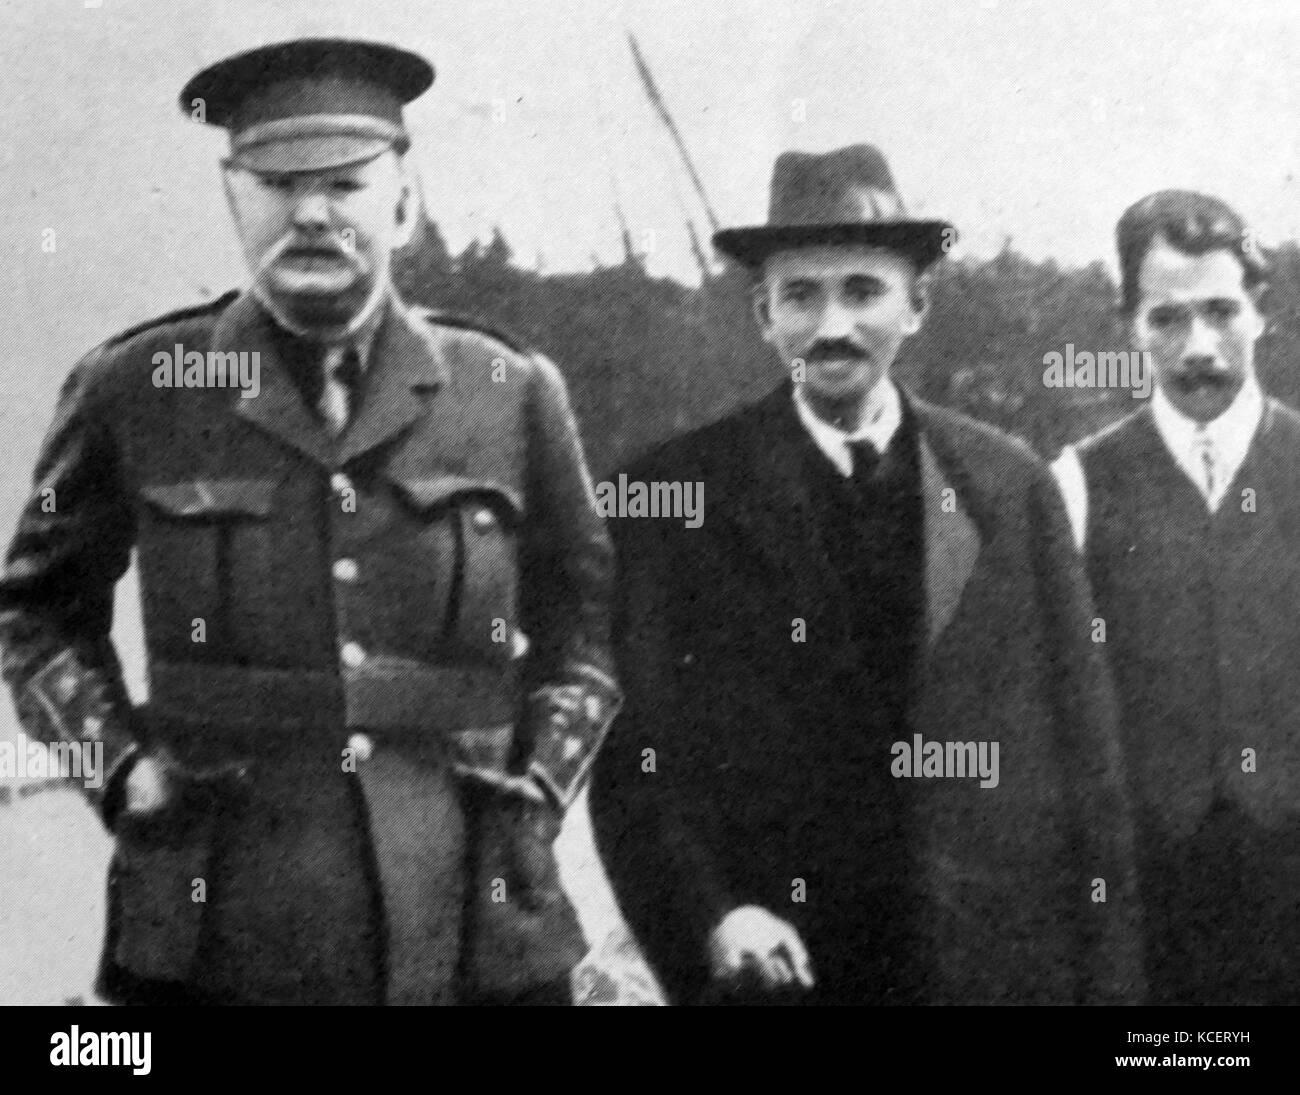 """Mohandas Karamchand Gandhi visitas Inglaterra 1914. Gandhi estableció una comunidad idealista llamado 'Tolstoy Farm"""" Foto de stock"""